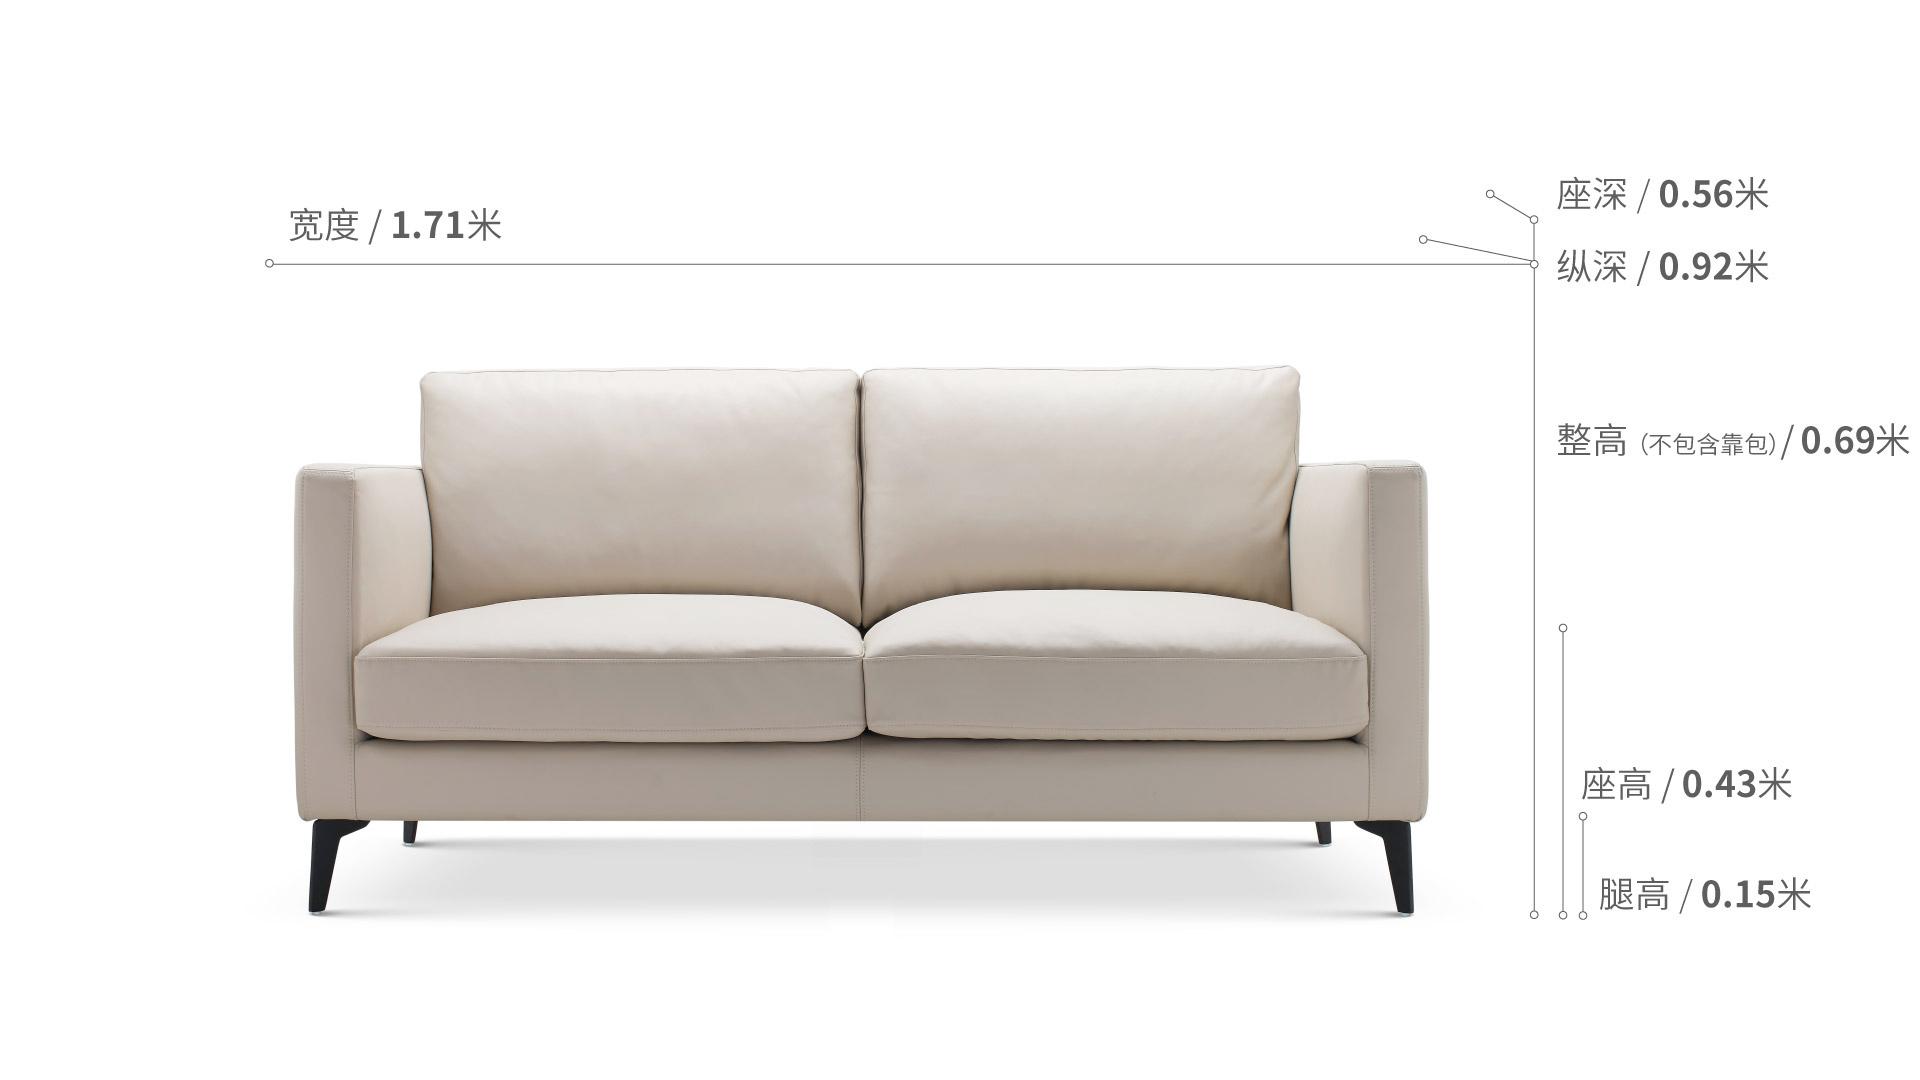 造作星期天沙发超韧人工皮版™双人座沙发效果图